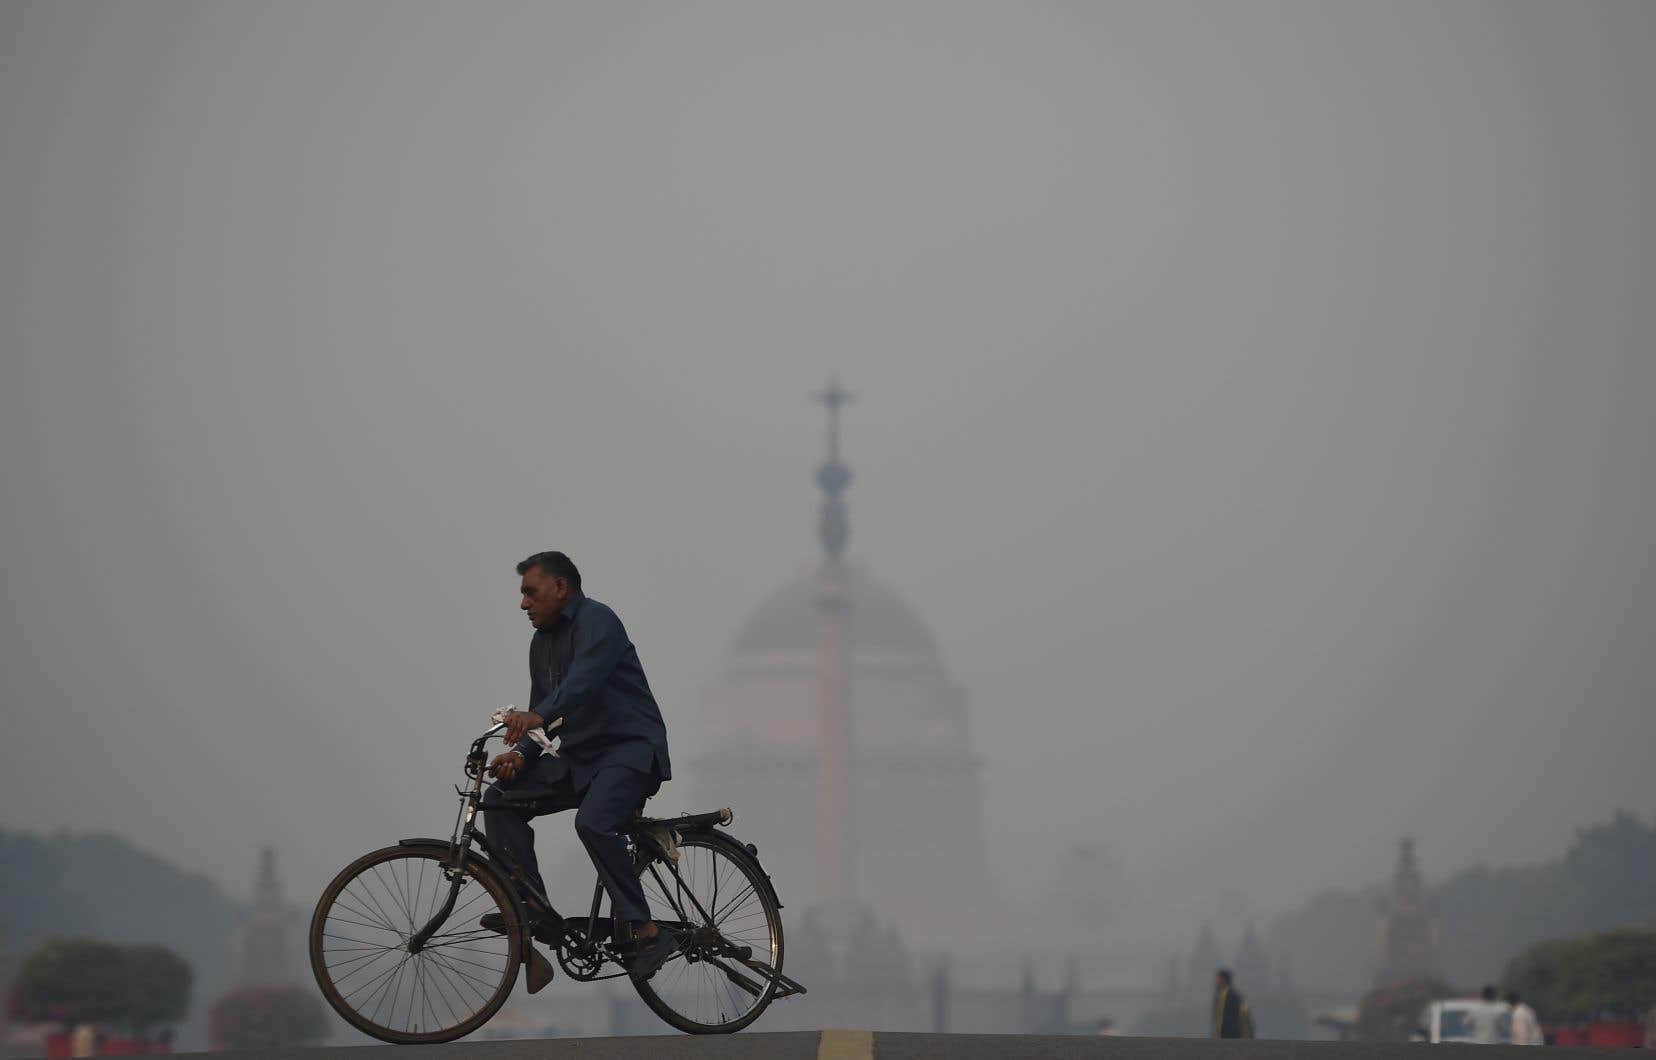 Chaque année à partir d'octobre, New Delhi se transforme en «chambre à gaz» et suffoque dans un brouillard toxique.